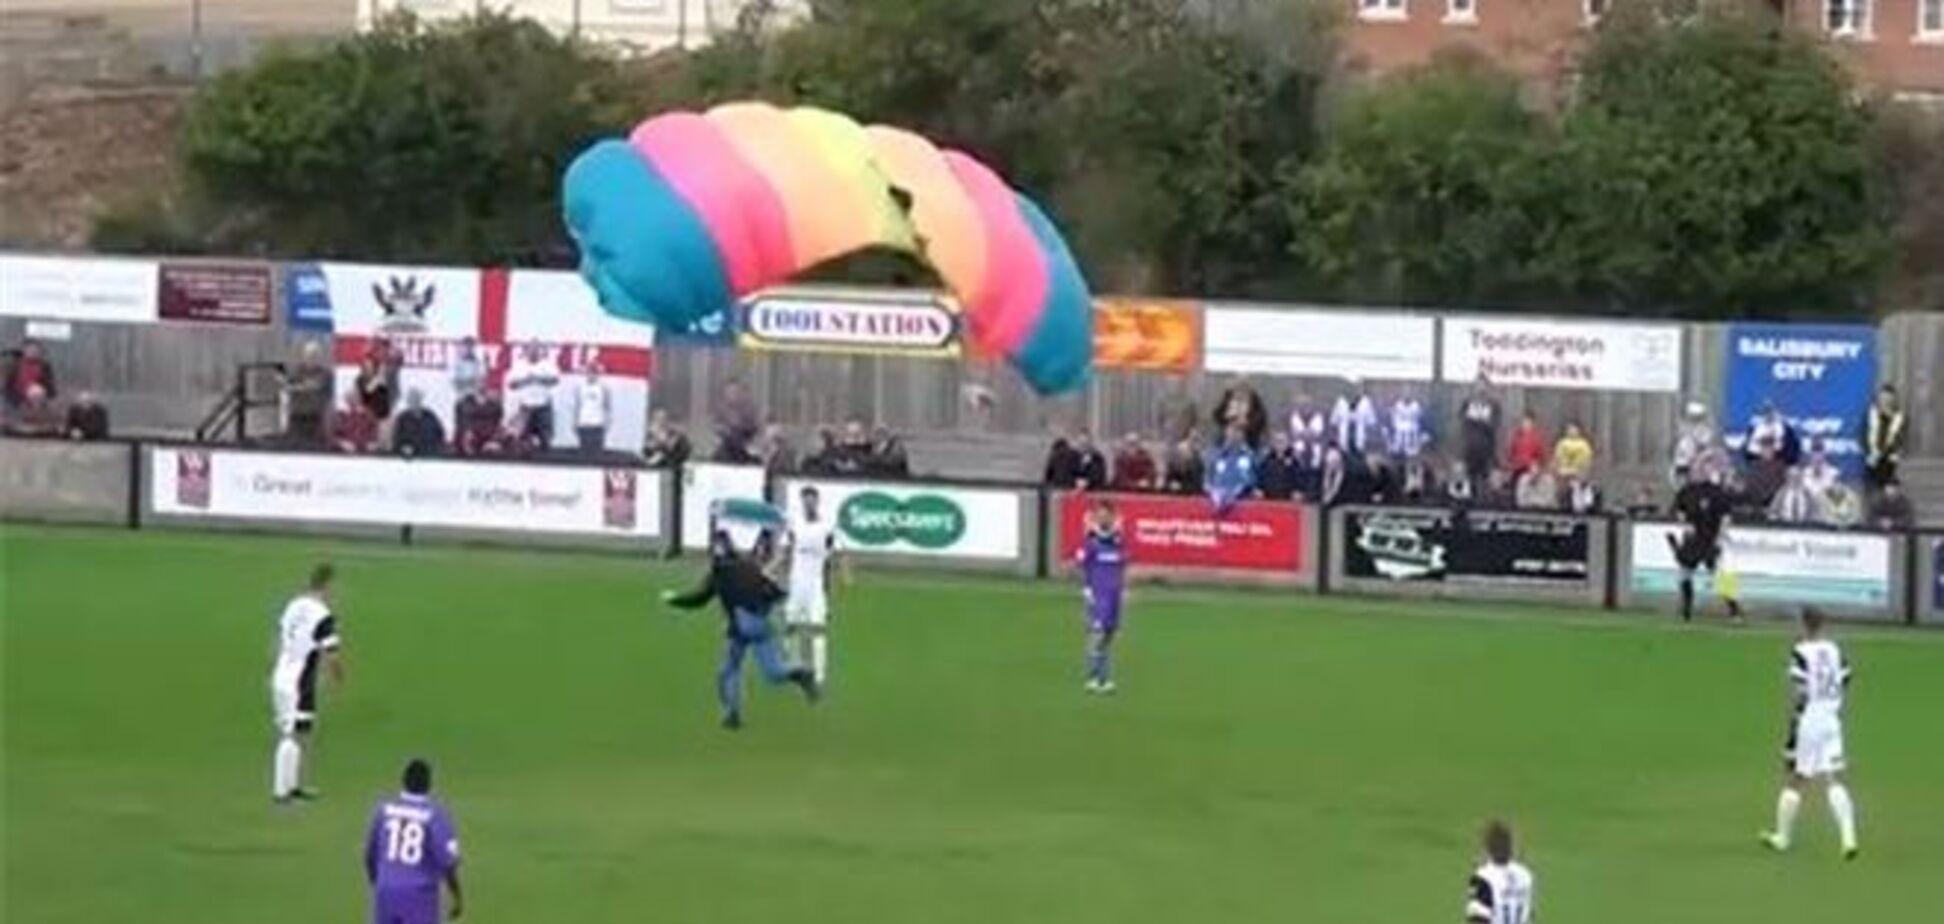 Футбольный матч прервали из-за приземления парашютиста